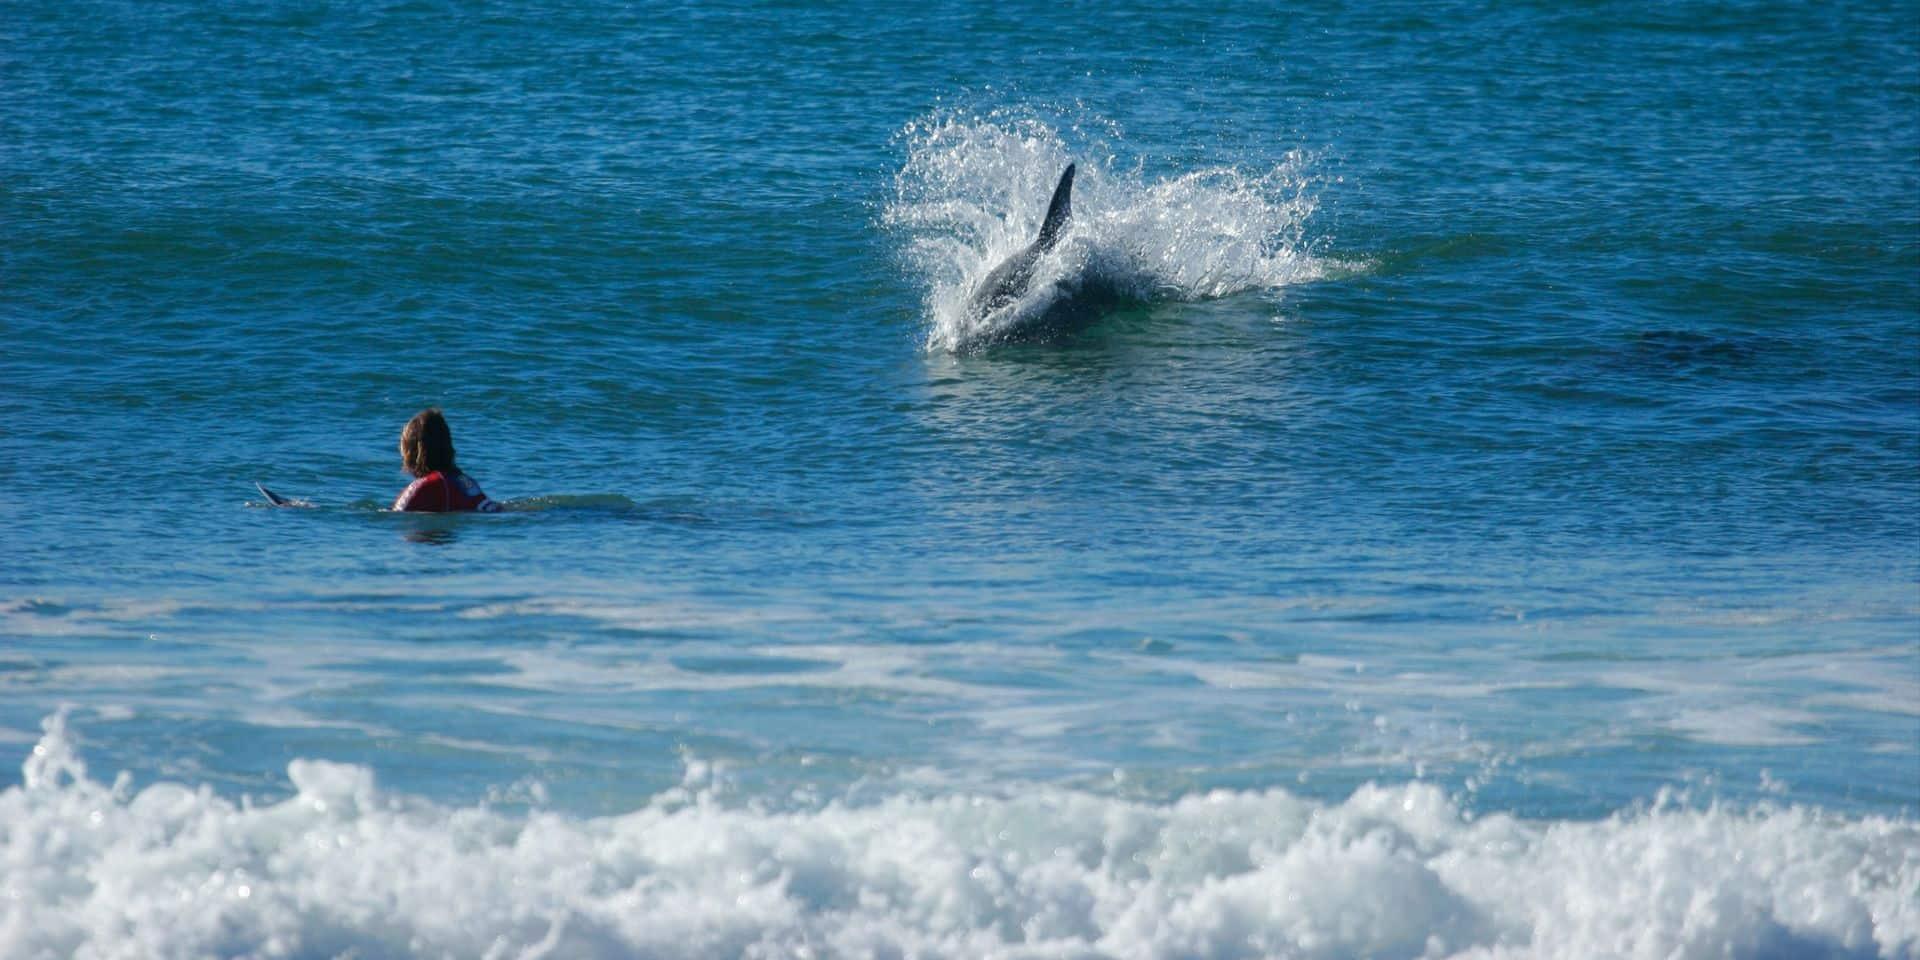 Un médecin surfeur dévoile comment sauver d'une morsure de requin